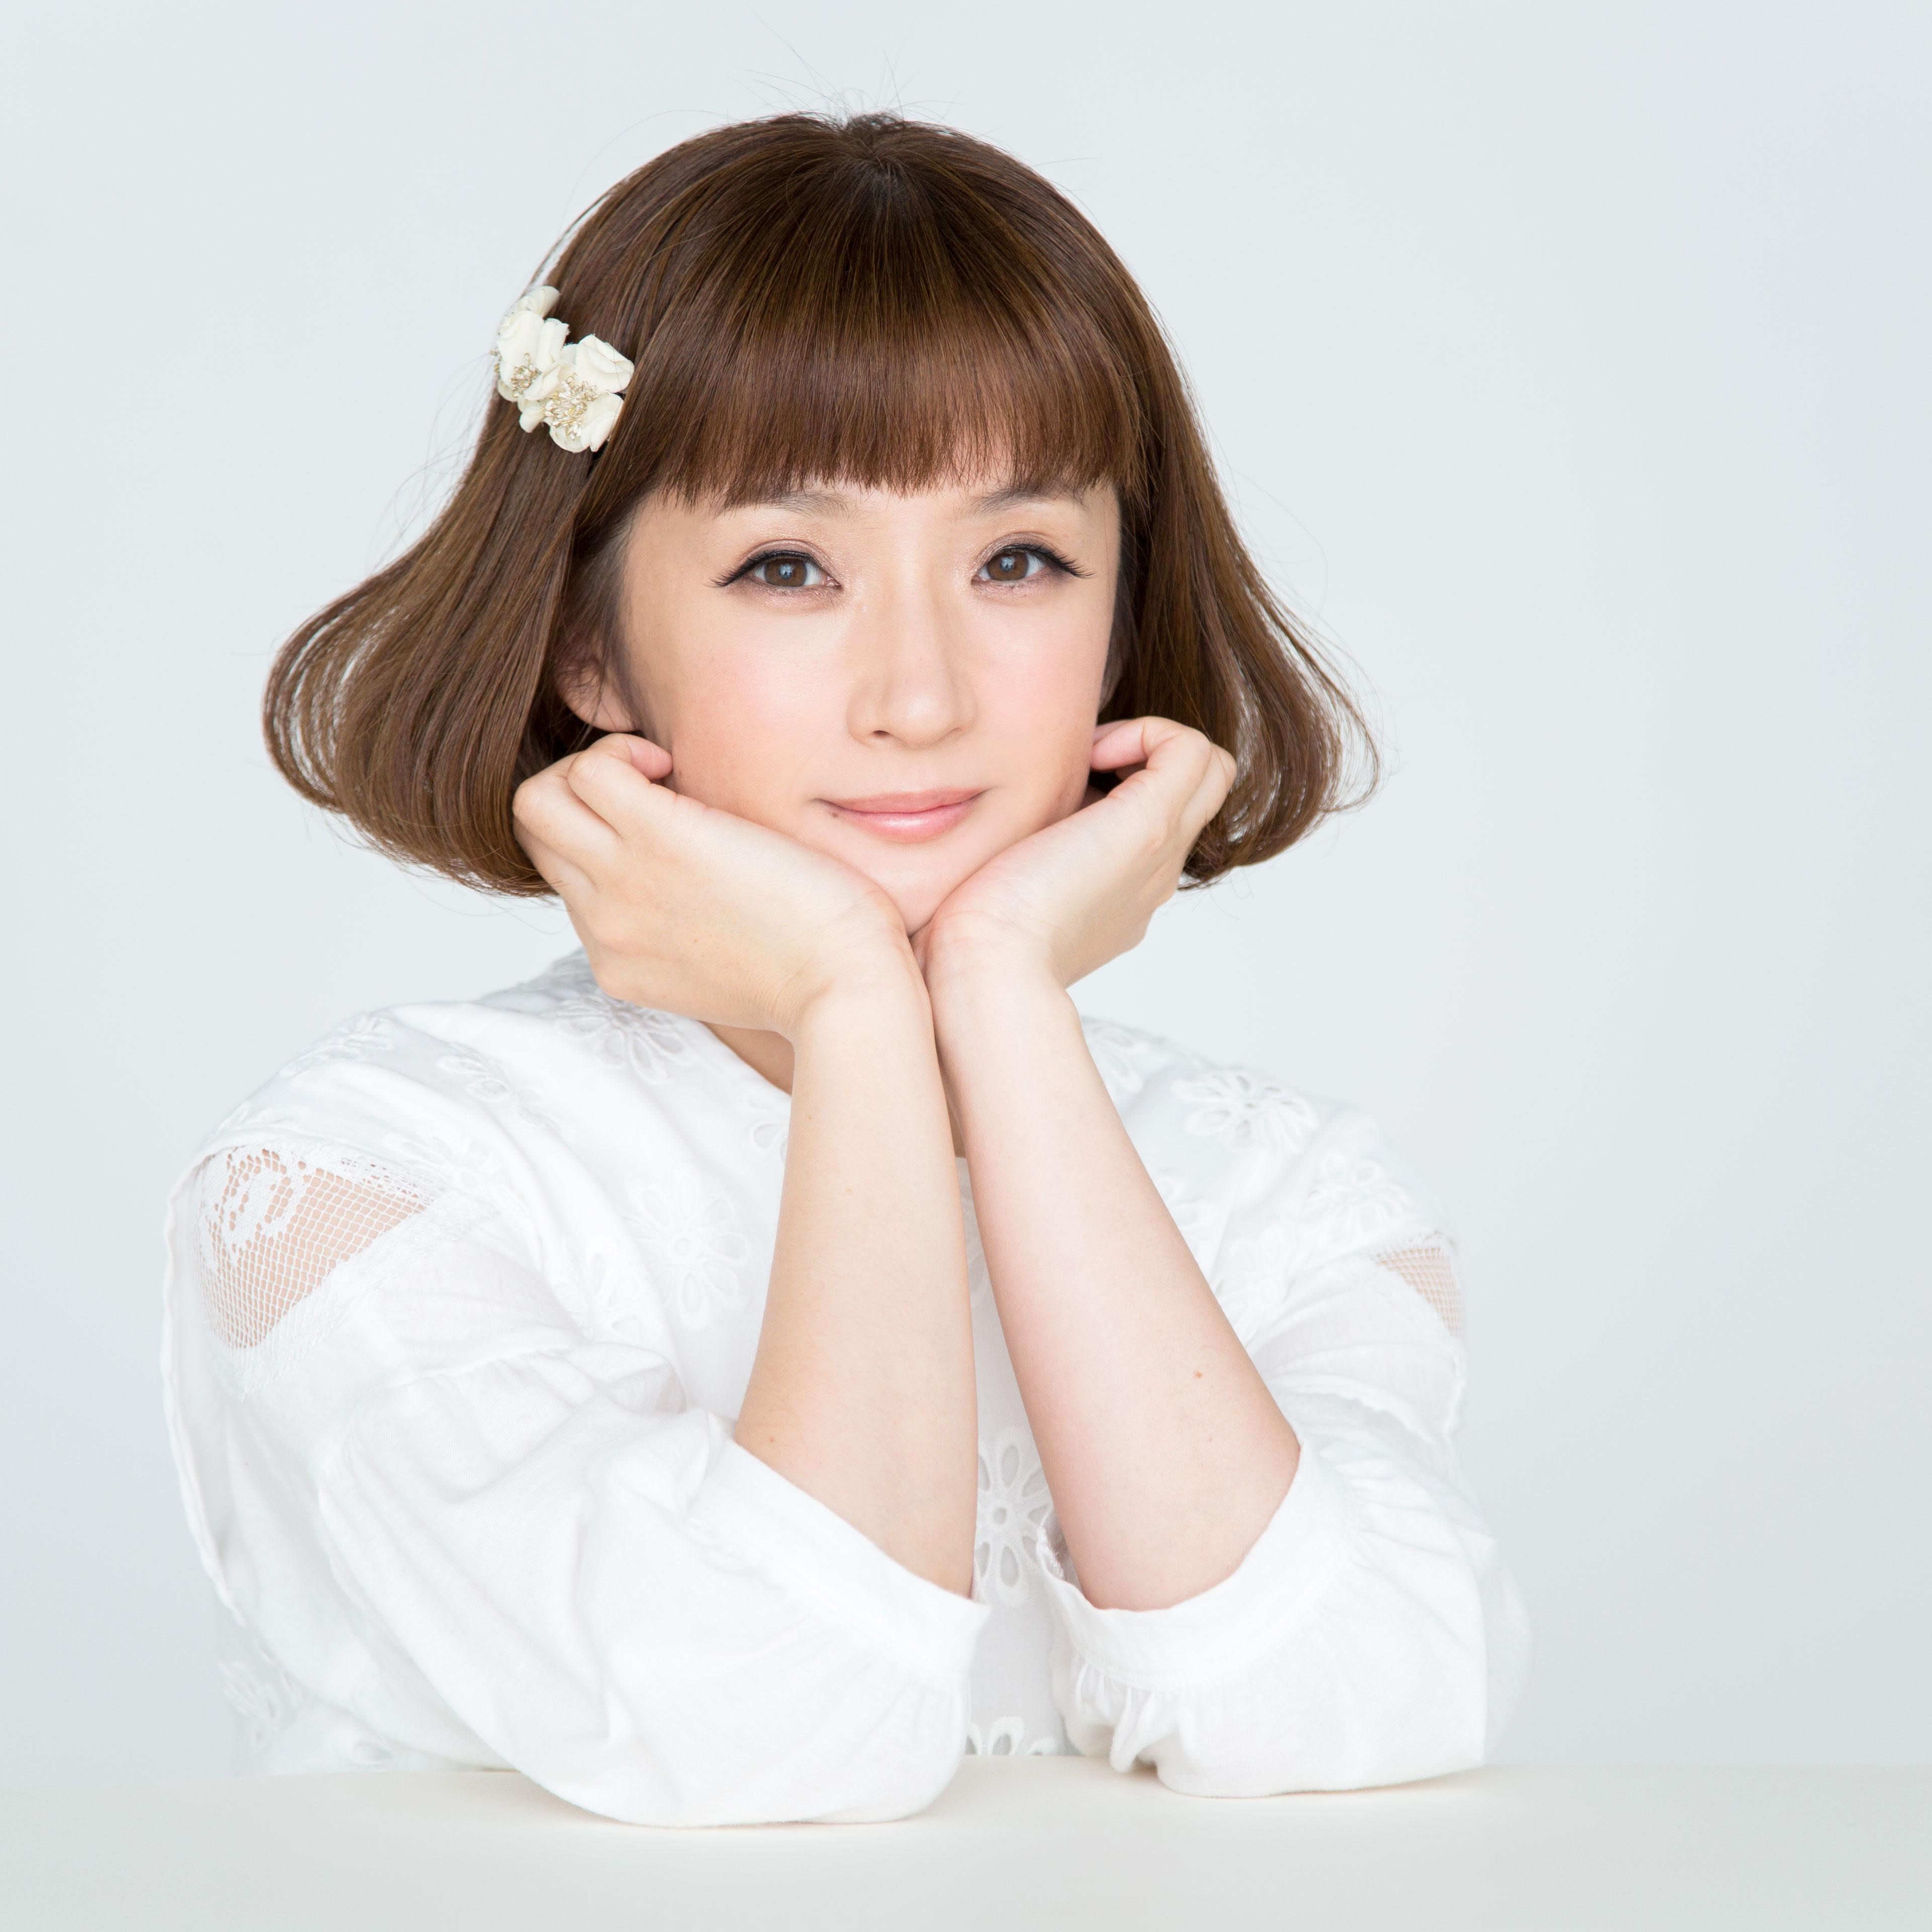 千秋プロデュース 12ポケットバッグ センスの良さに定評のある千秋さんプロデュース!